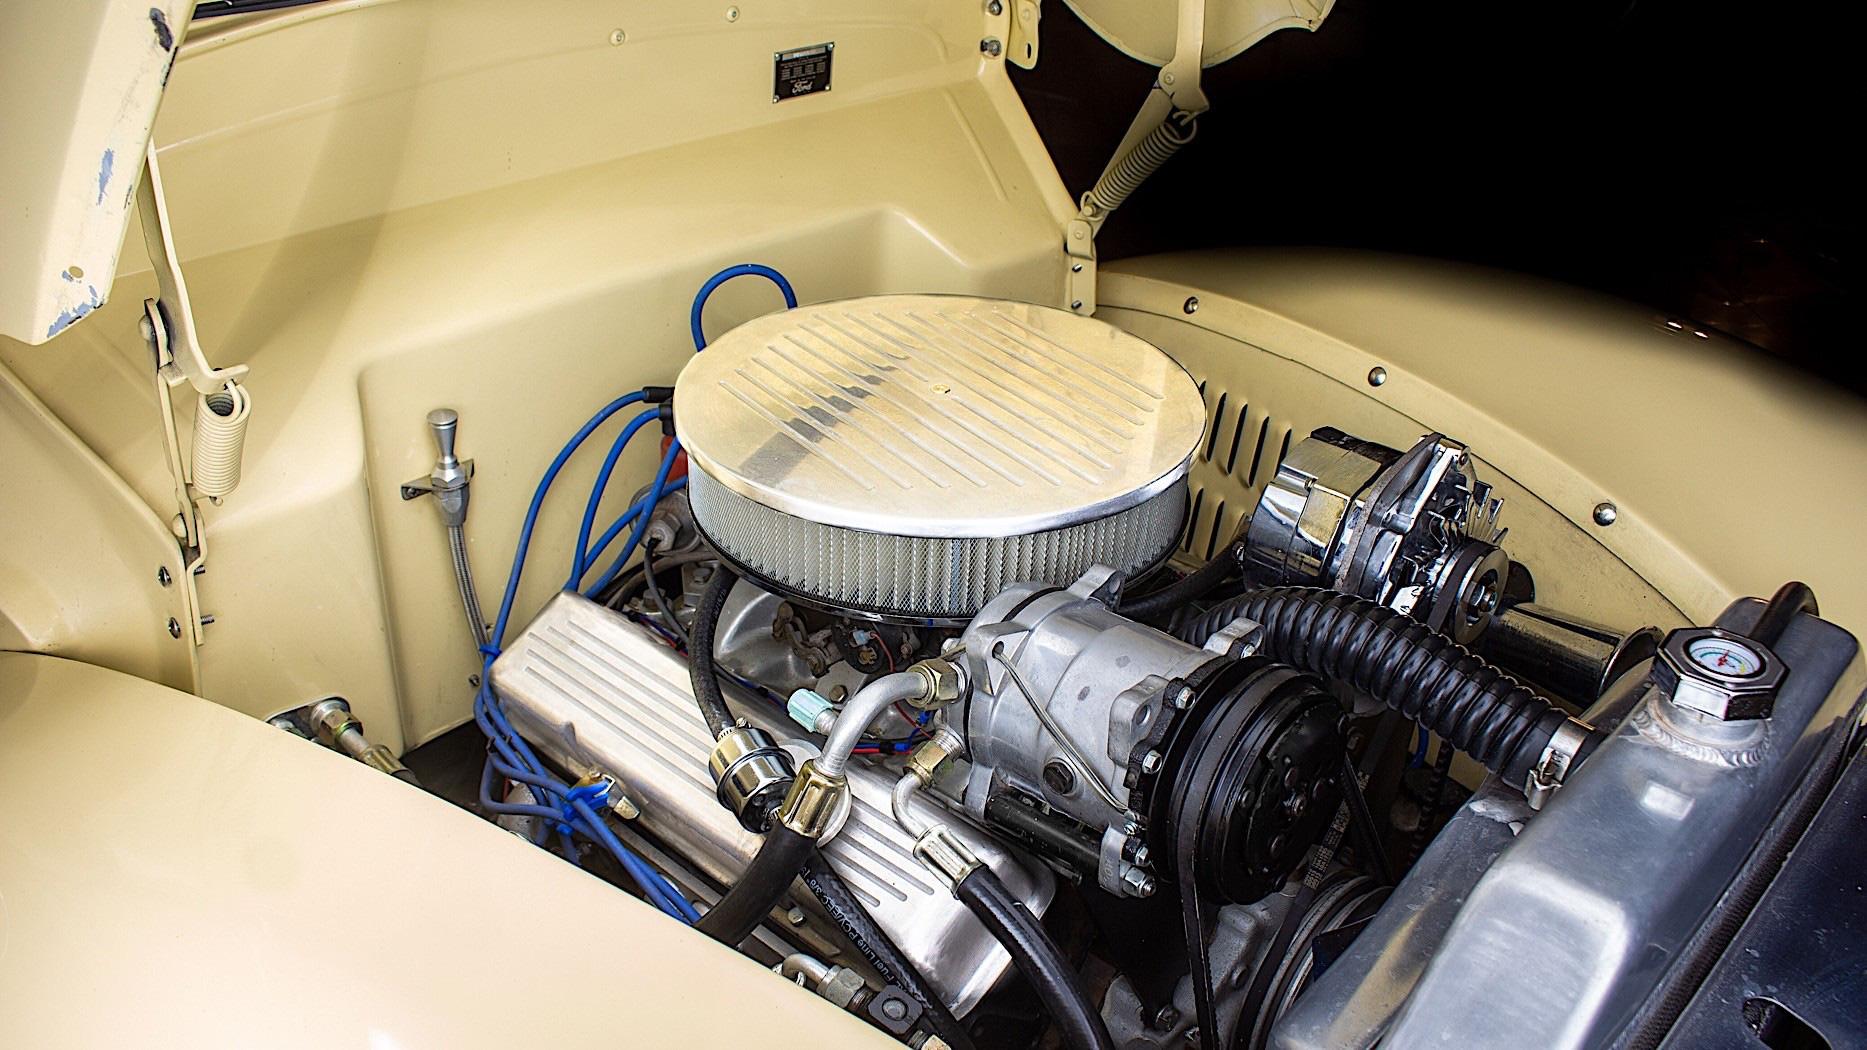 Ford De Luxe Woodie 1940 bản phục chế ốp gỗ với giá 101.000 USD - Ảnh 4.